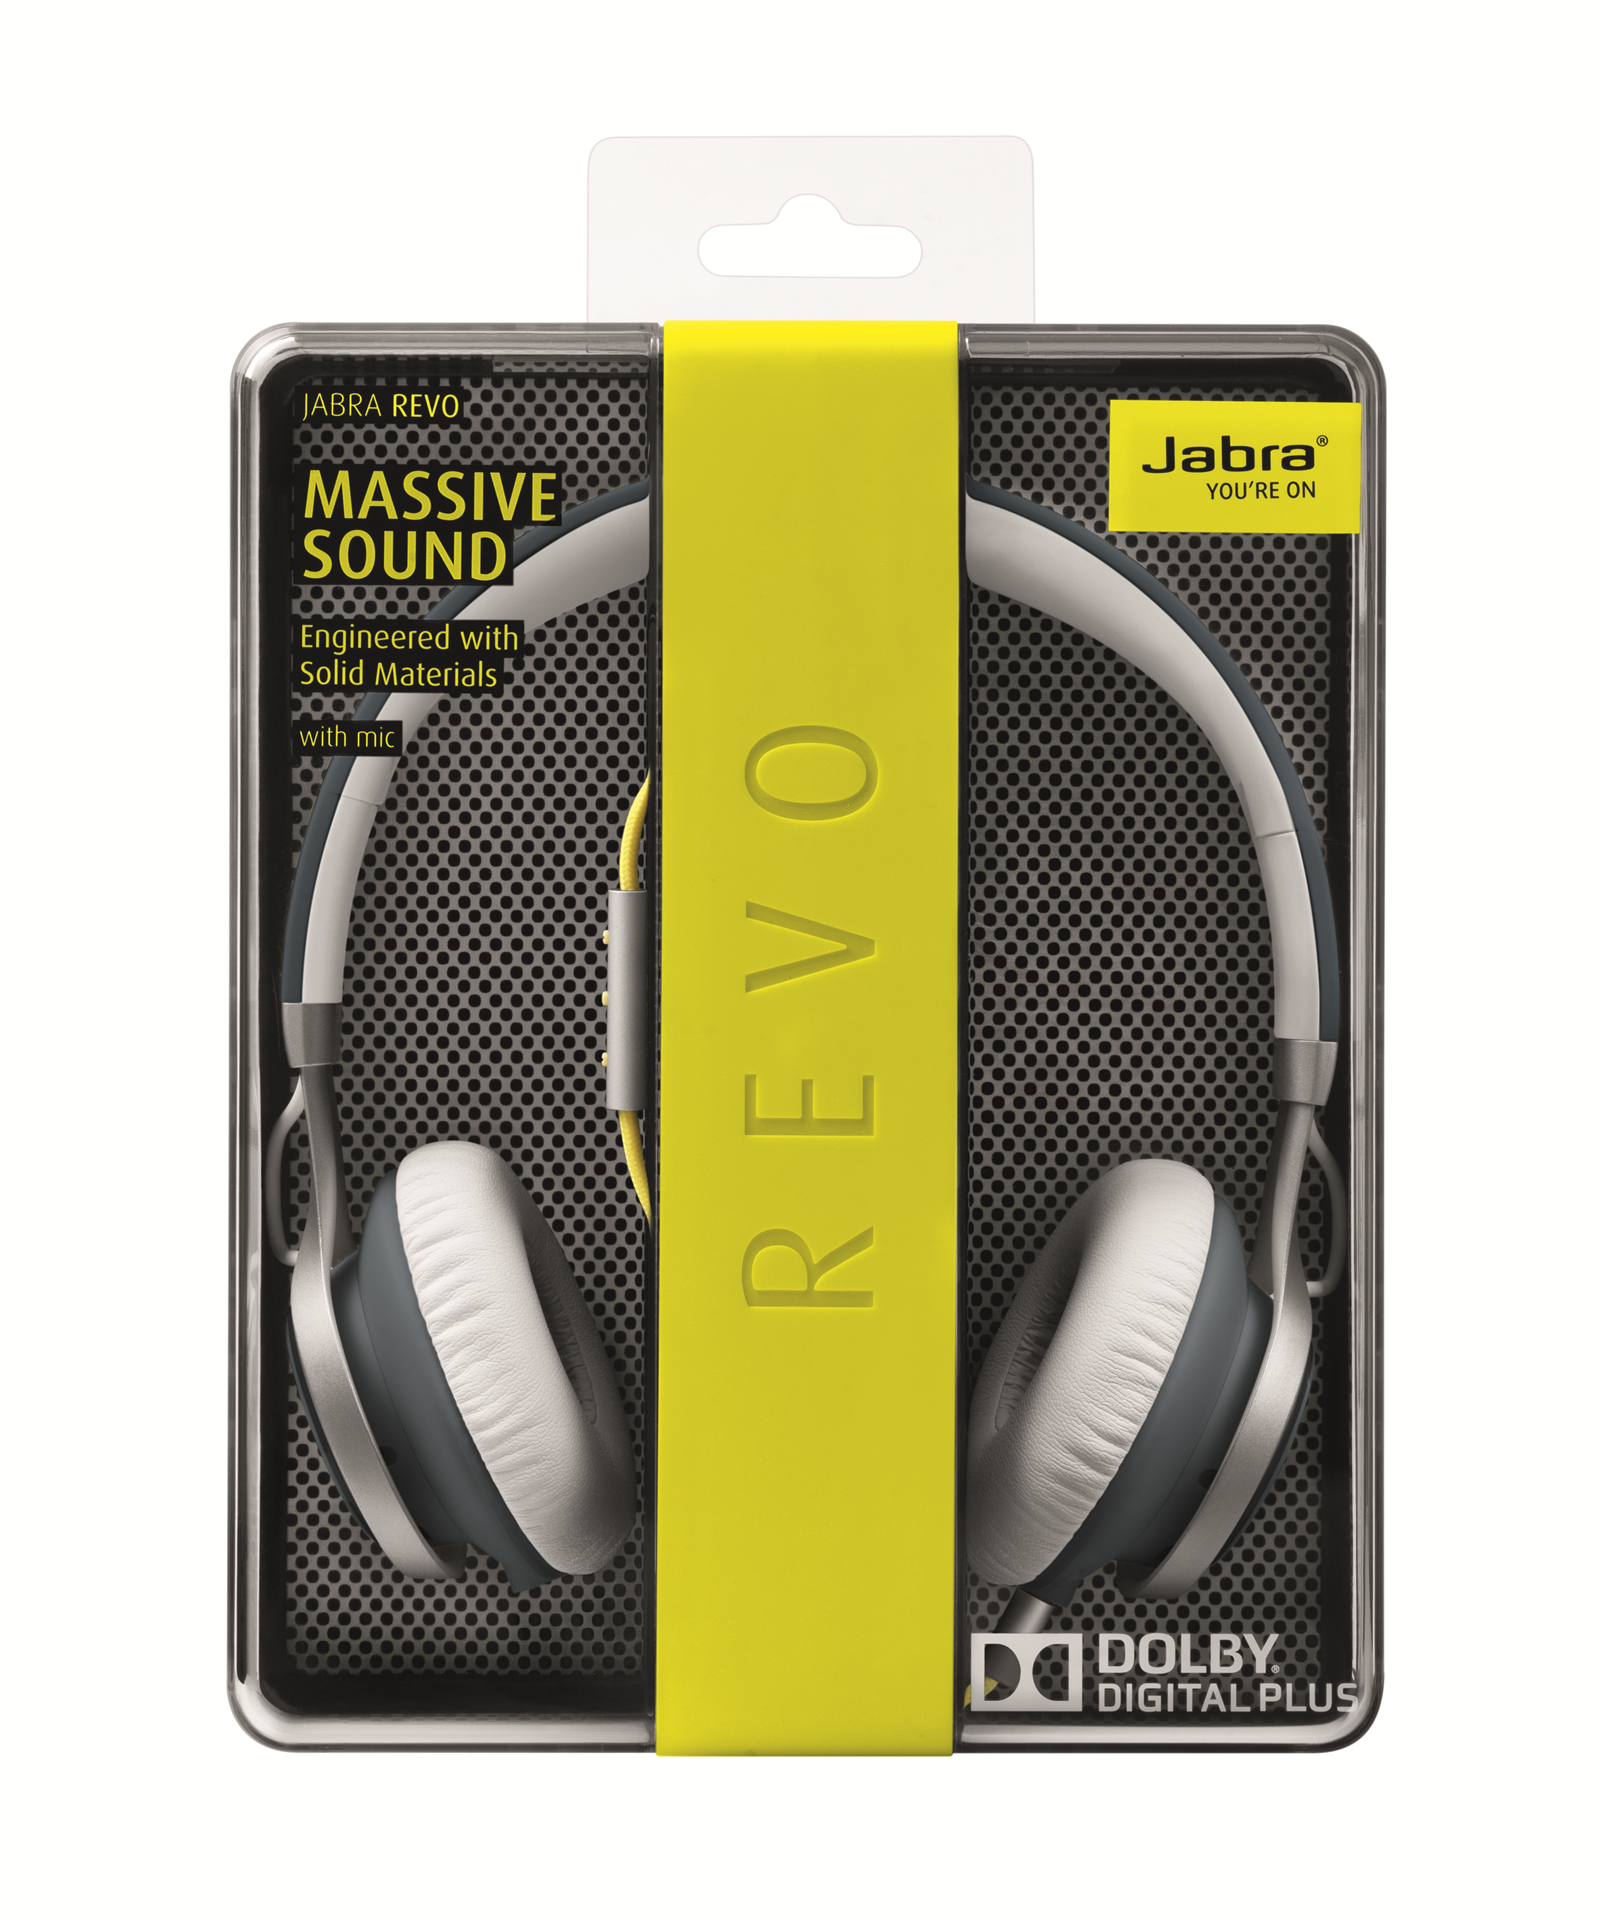 Jabra_Revo_greyscale_pack_02